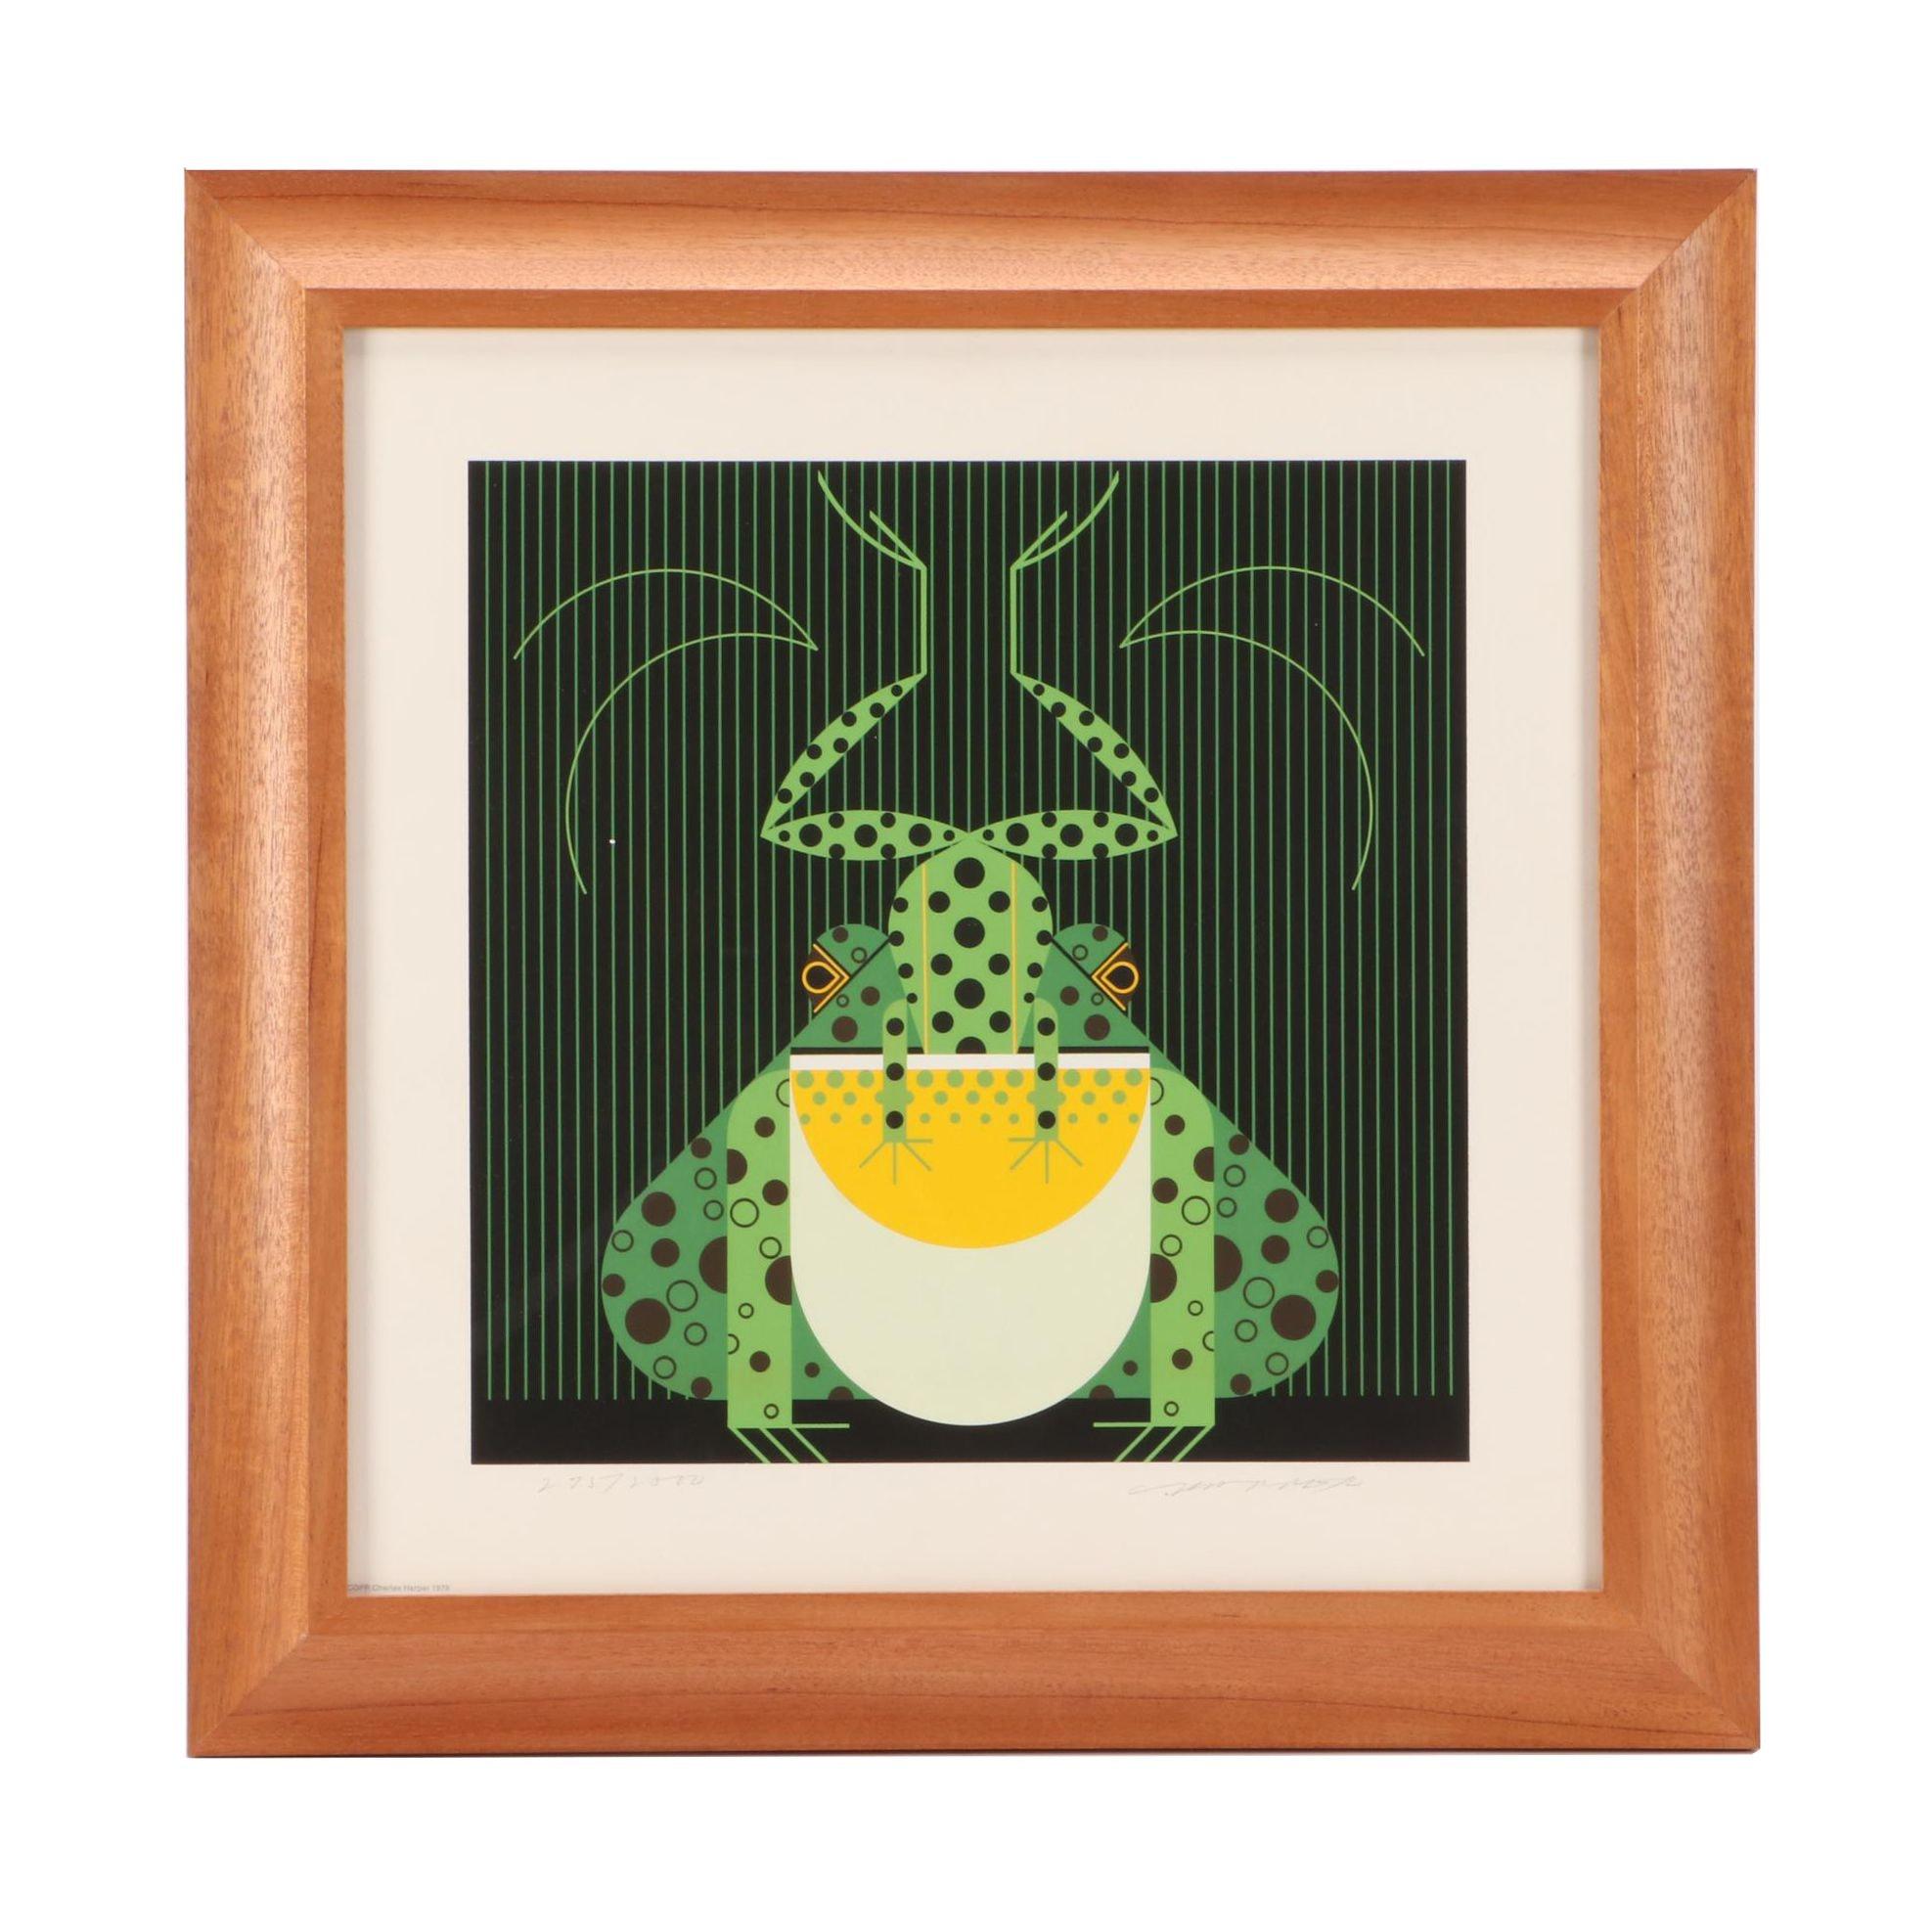 """Charley Harper 1978 Limited Edition Serigraph """"Frog Eat Frog"""""""